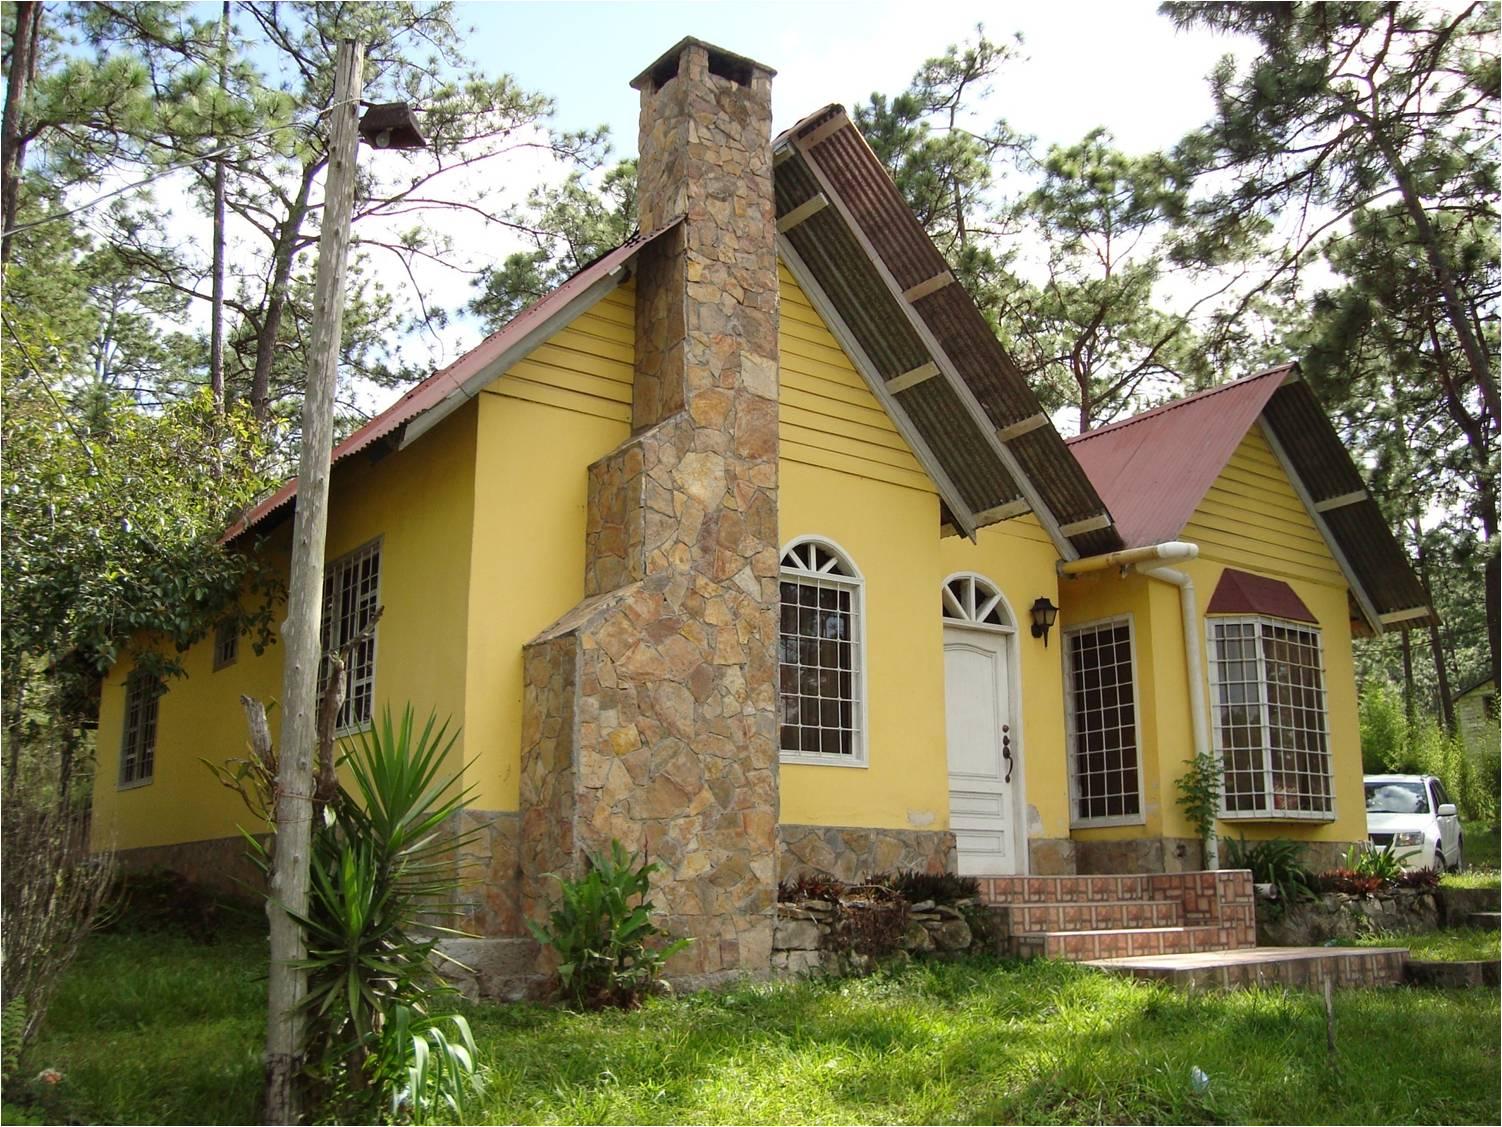 Venta de casas en siguatepeque venta de casas en honduras venta de casas en la esperanza - Casas en subasta ...